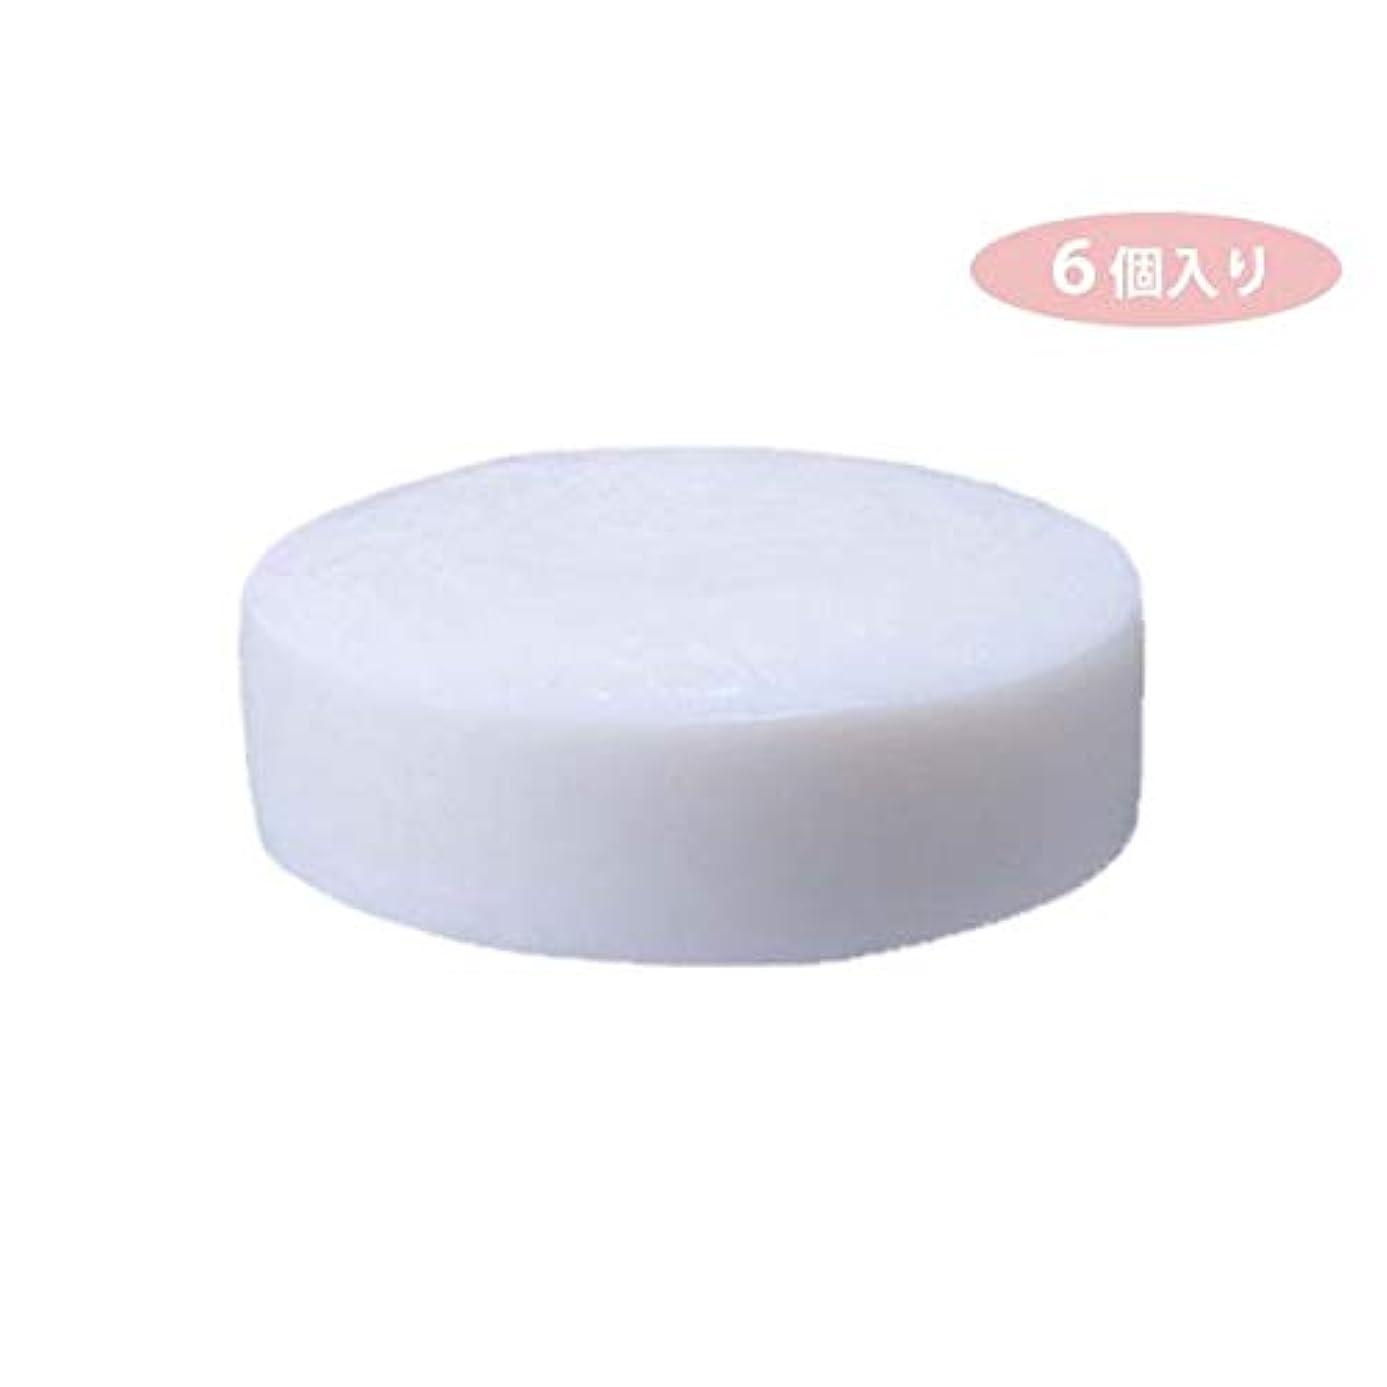 蒸発発明交渉するCBH-S 6個入り 敏感なお肌のための化粧石鹸